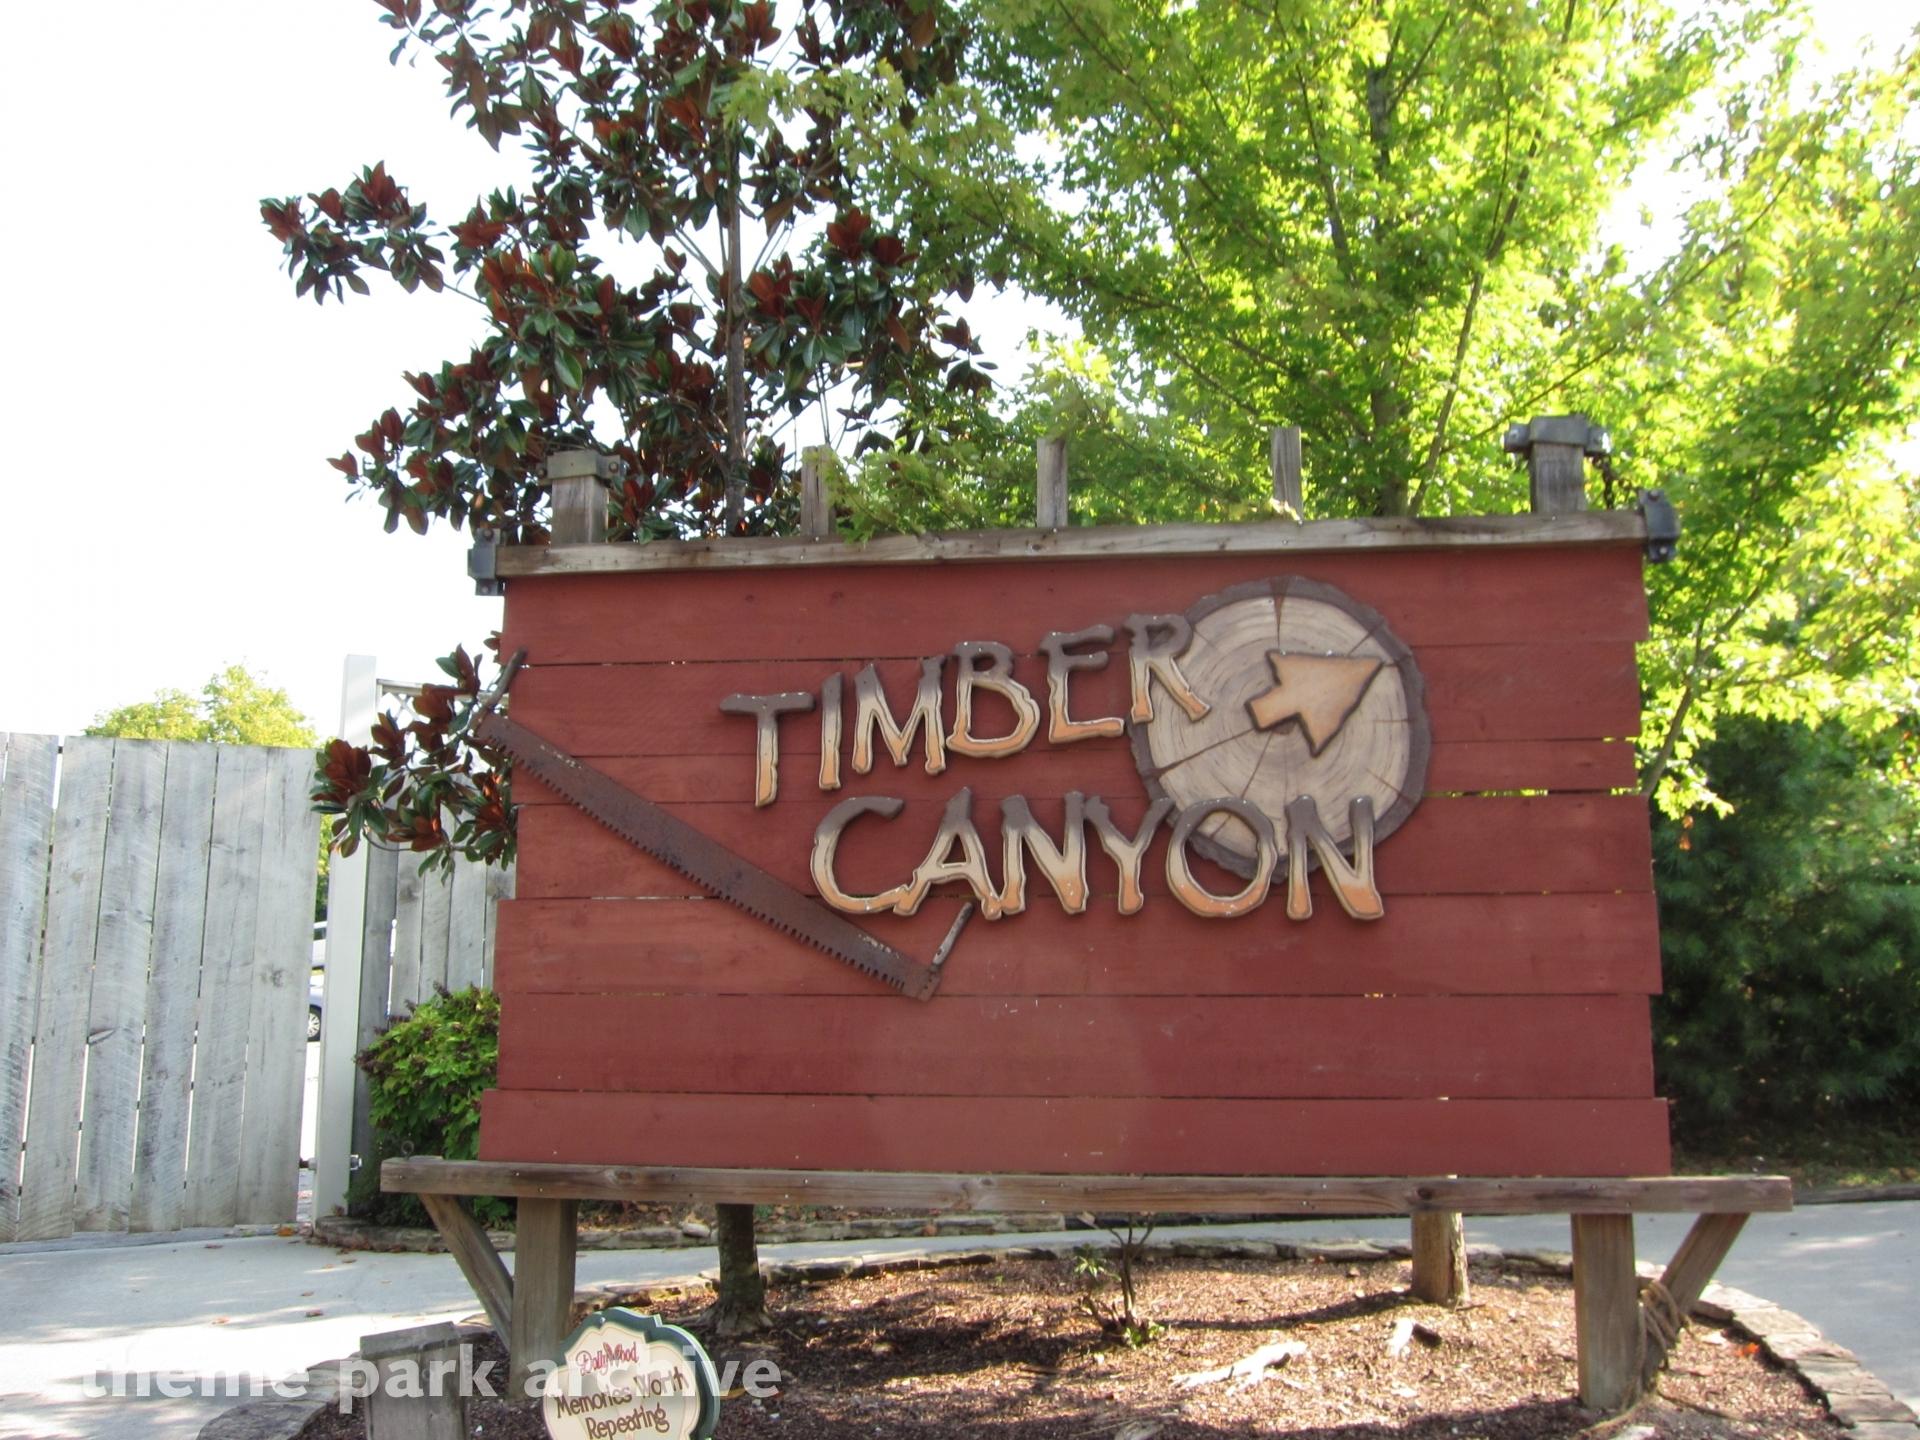 Timber Canyon at Dollywood